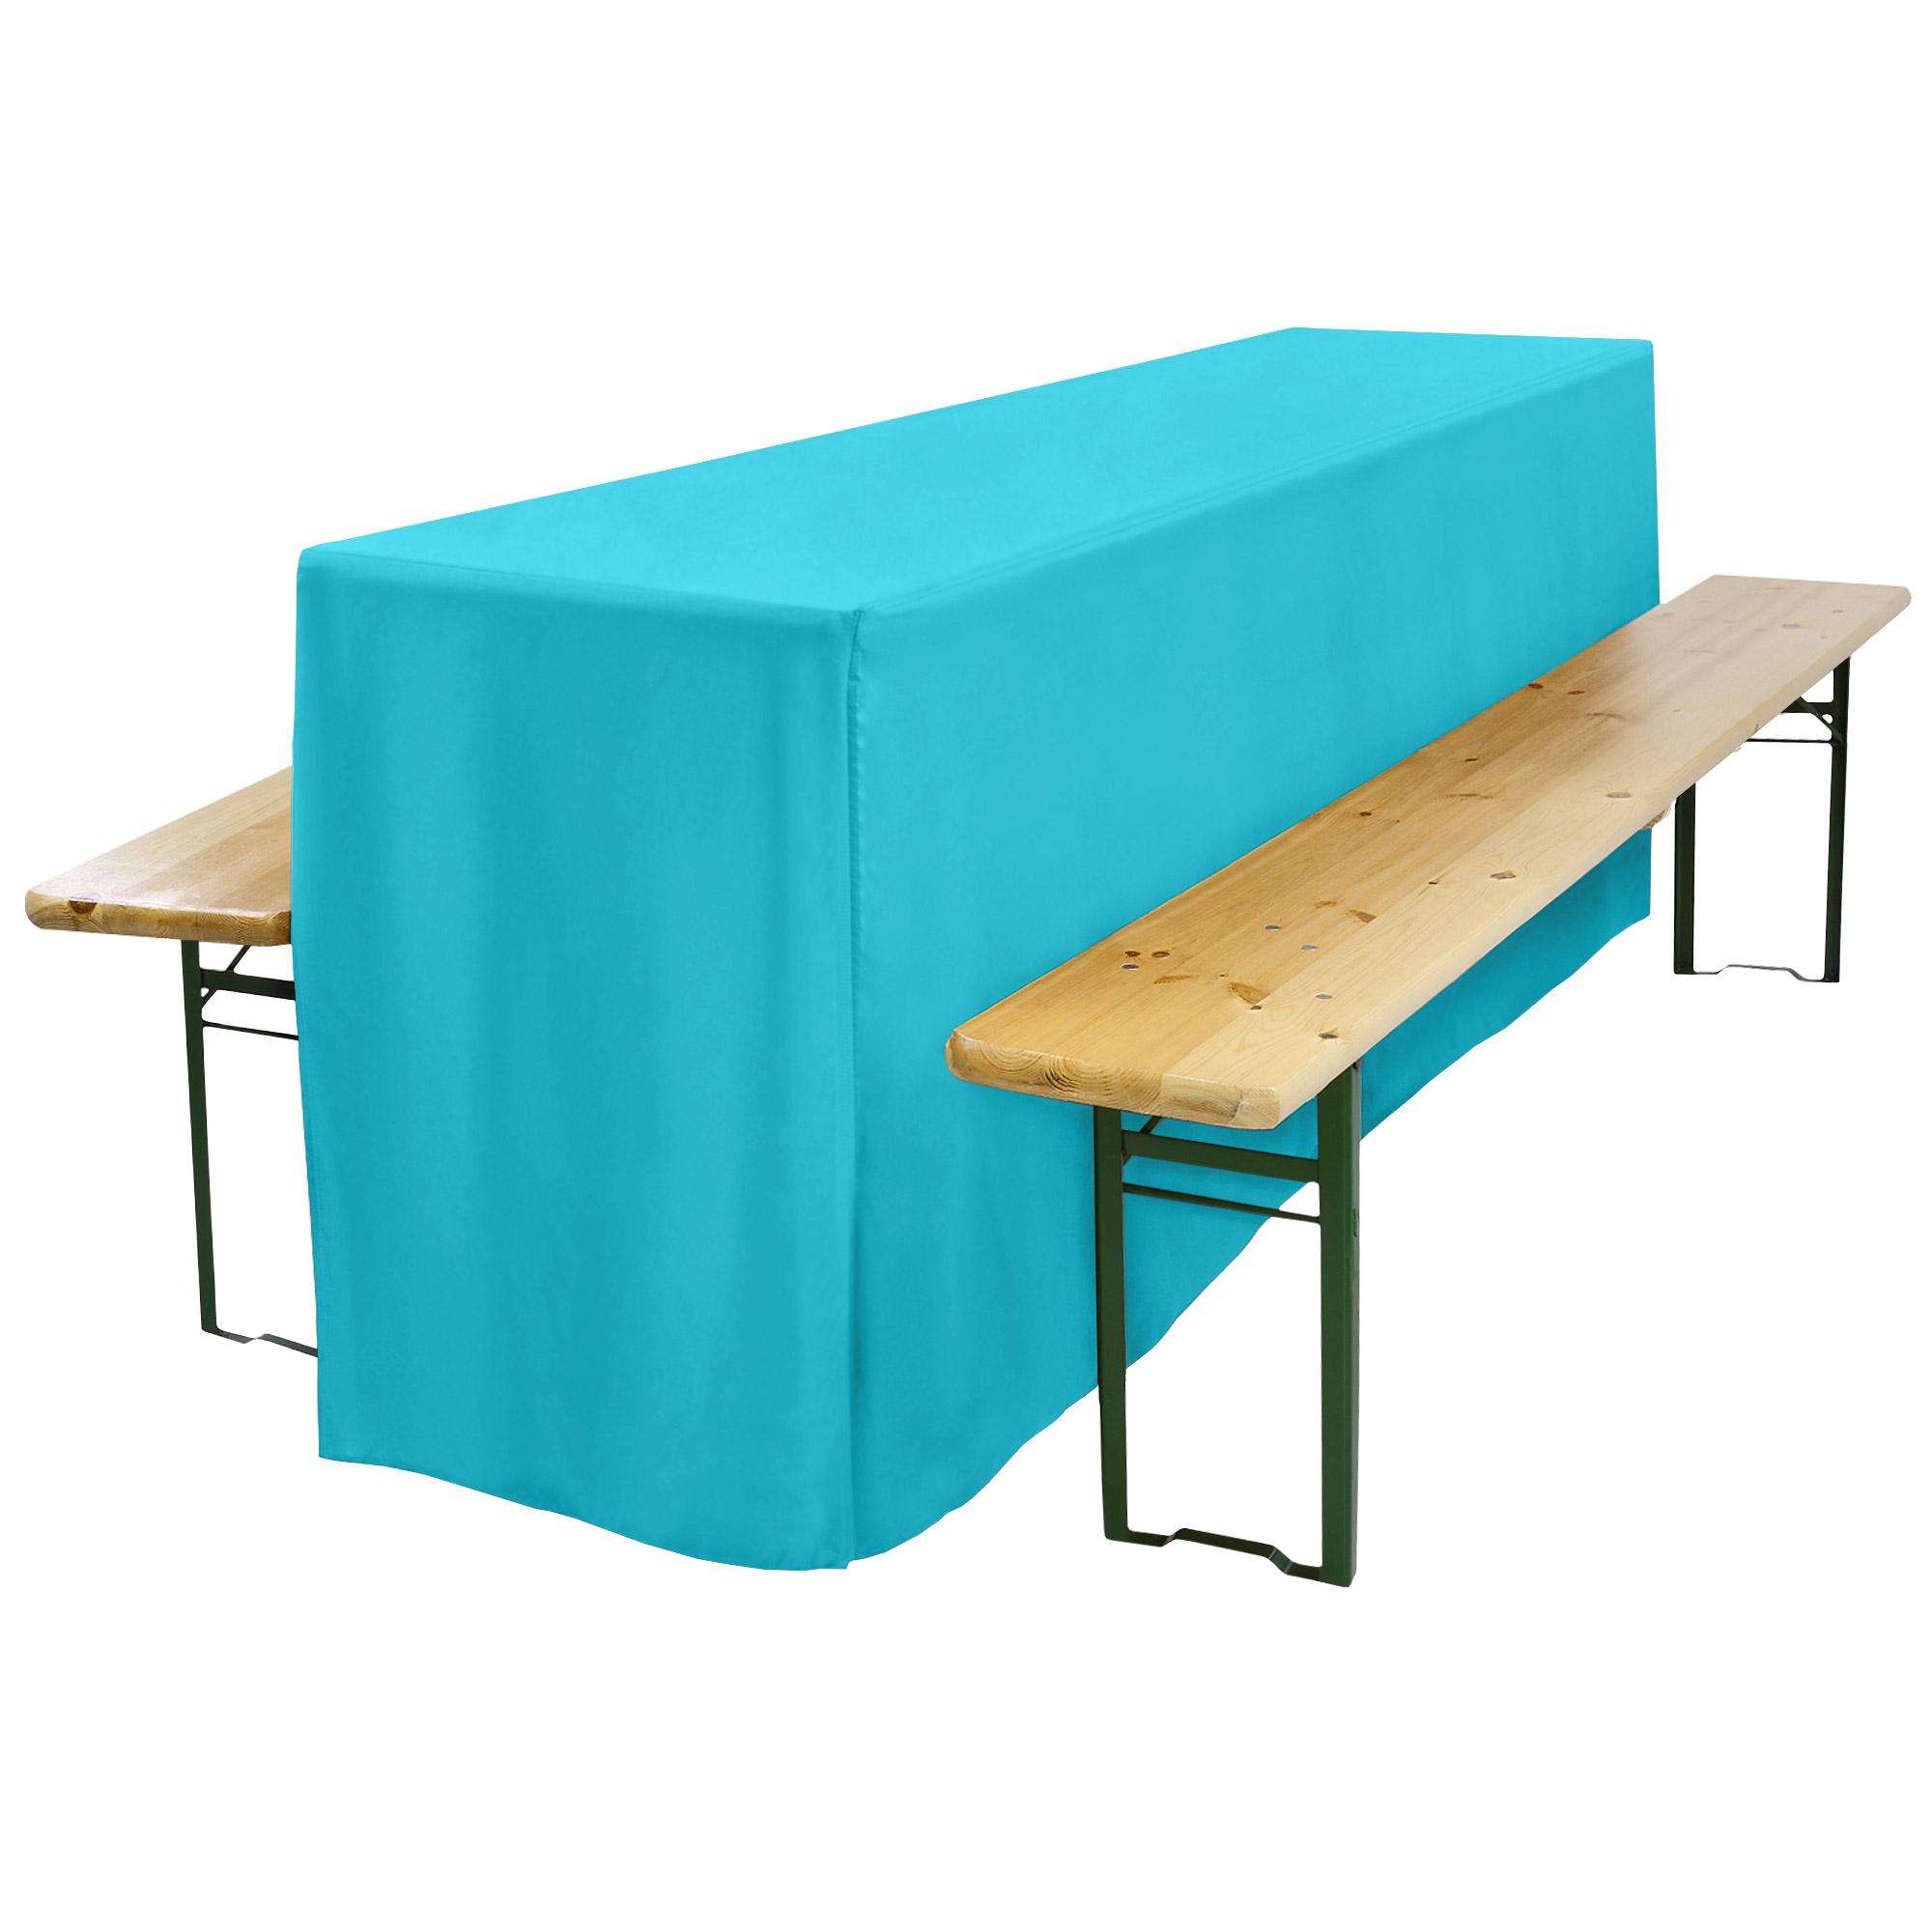 biertischhusse biertisch 220x70x75 t rkis hier kaufen. Black Bedroom Furniture Sets. Home Design Ideas